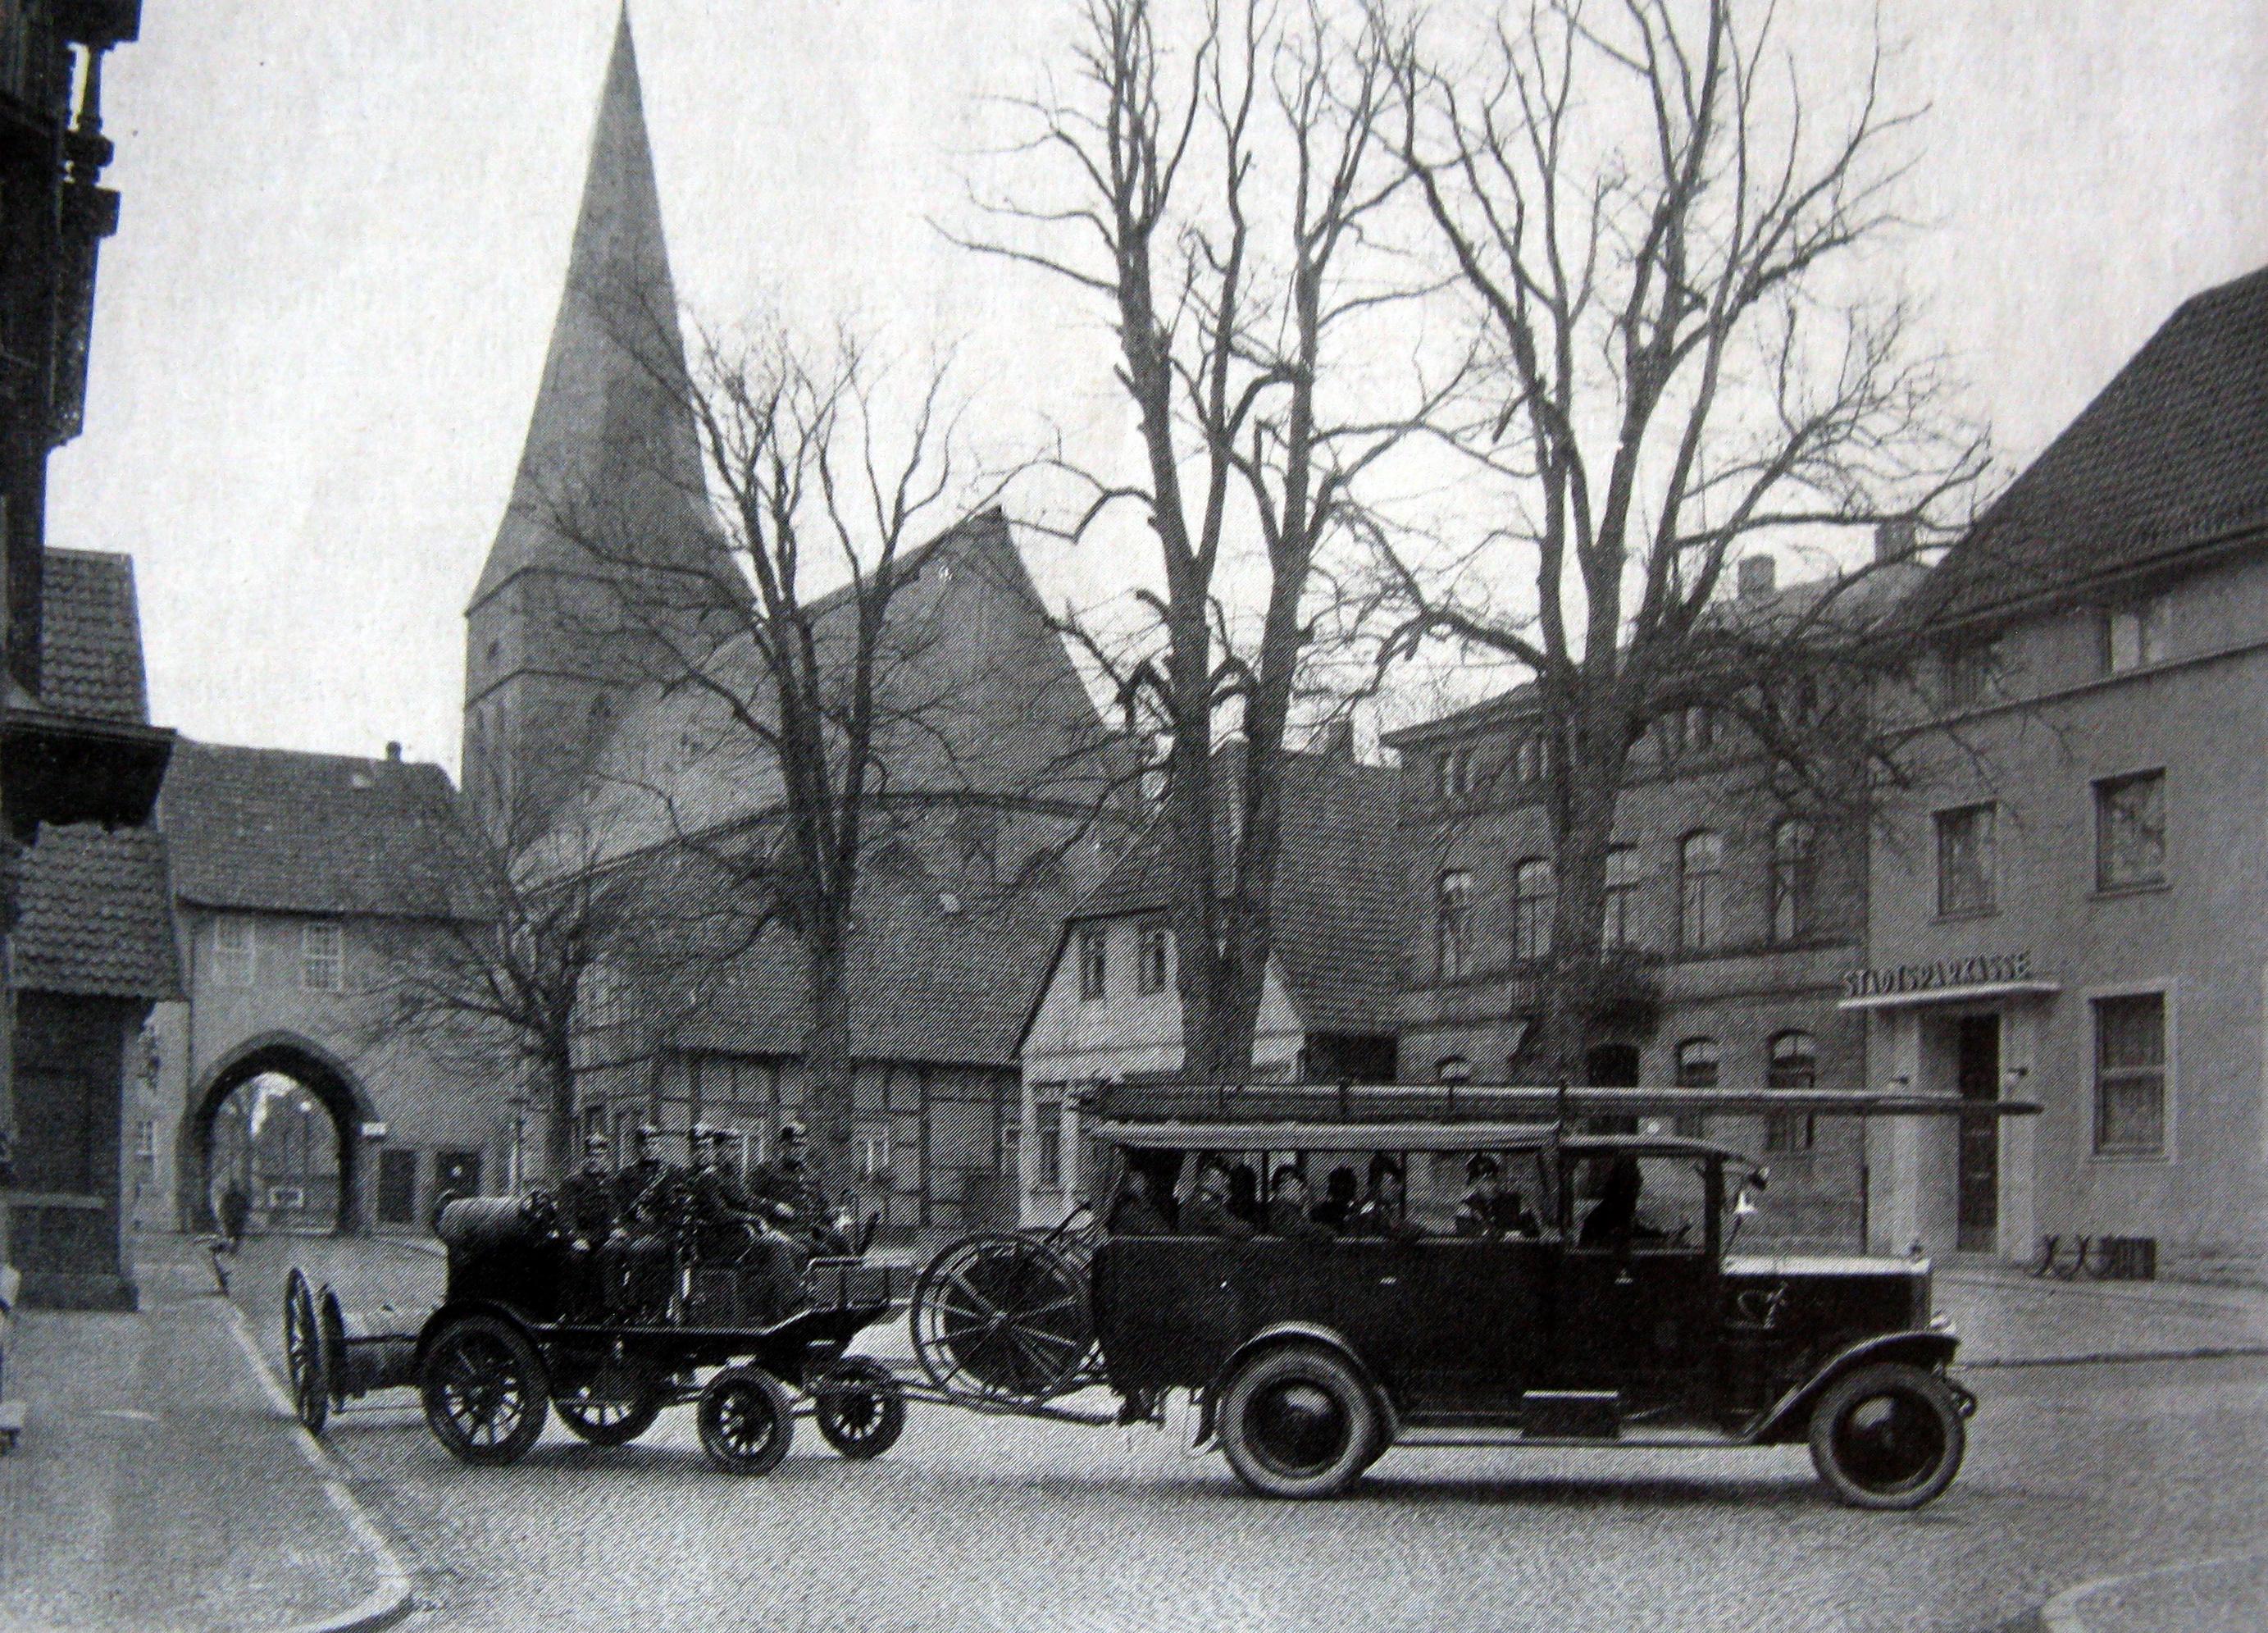 Eisatzübung-Rathausplatz-1931